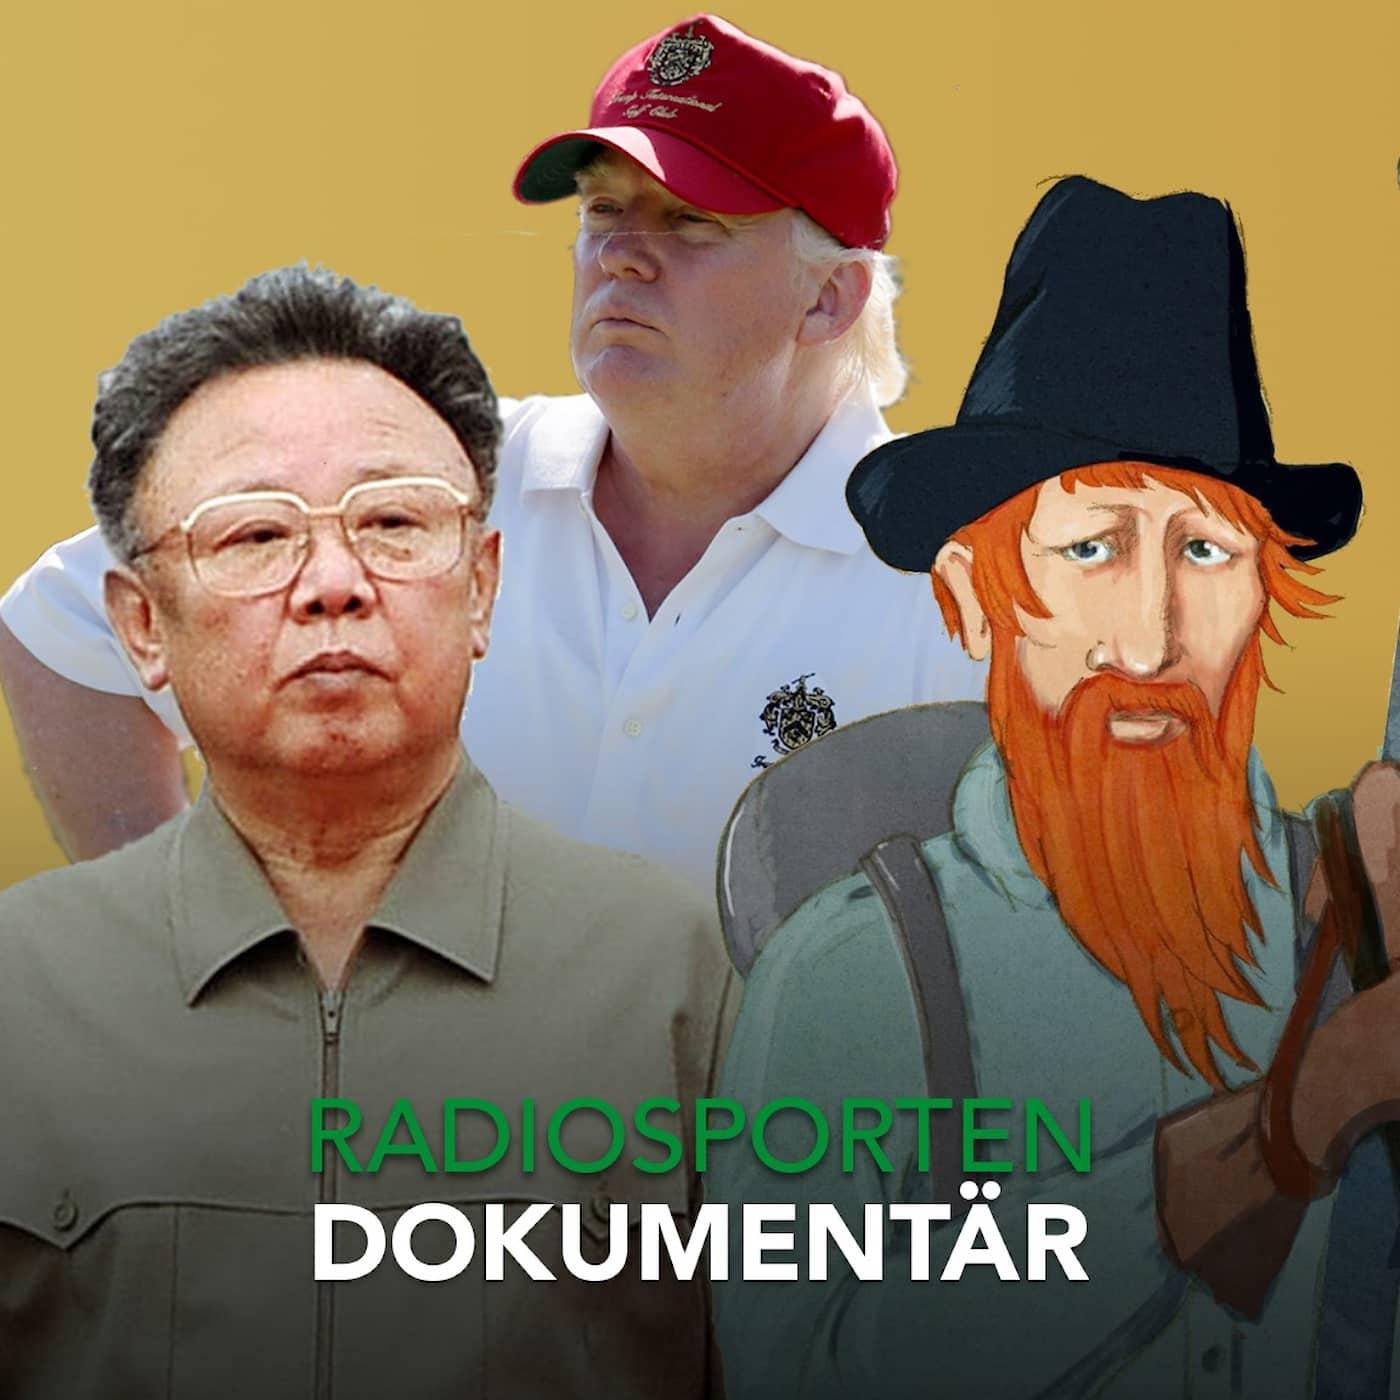 Magiska Kim, fuskaren Trump och Vasaloppsbluffen